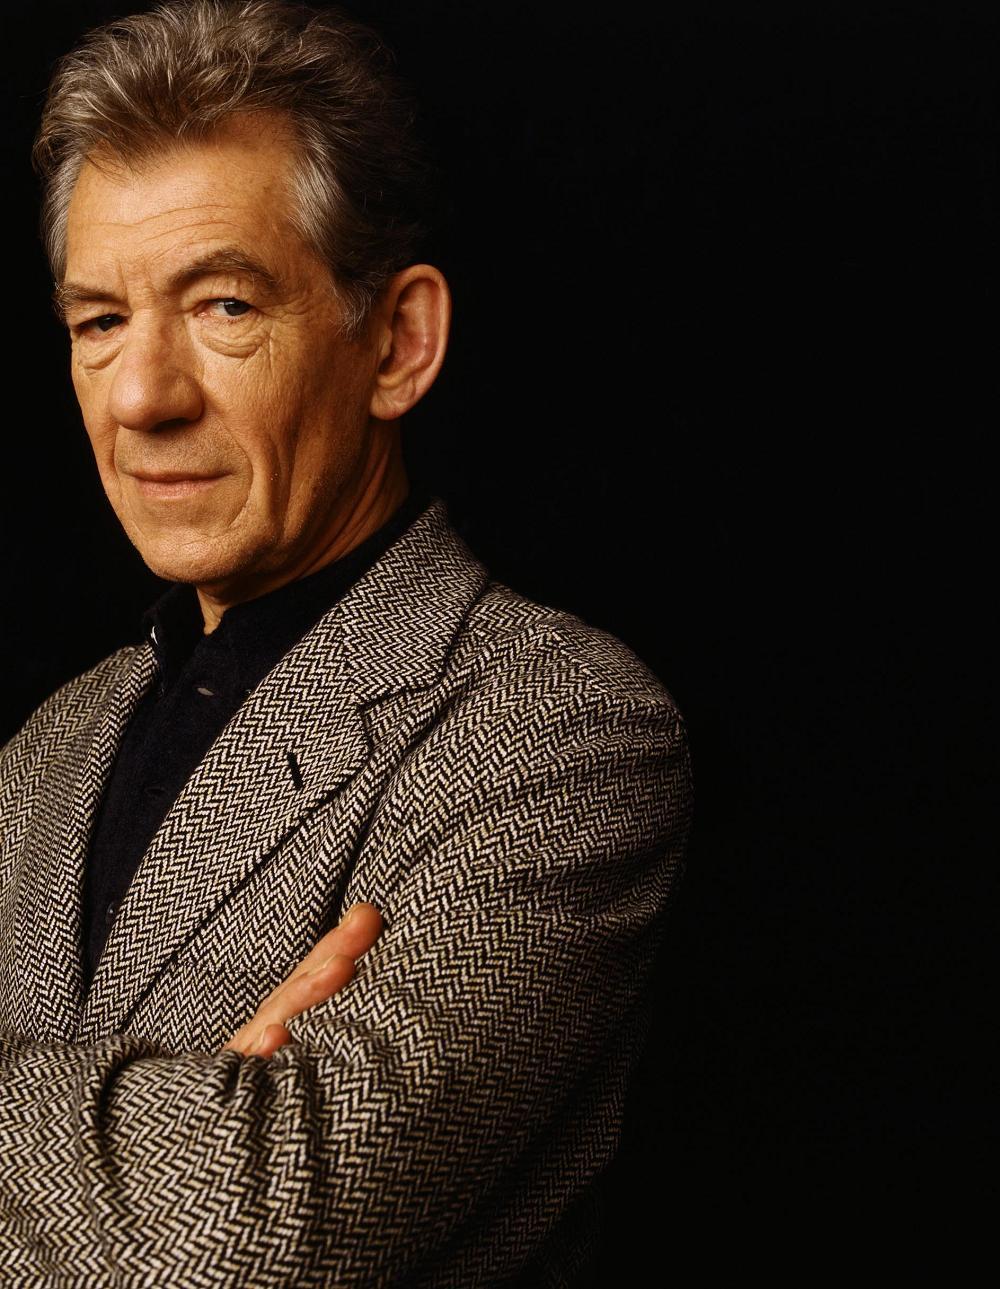 Ian McKellen photo gal...